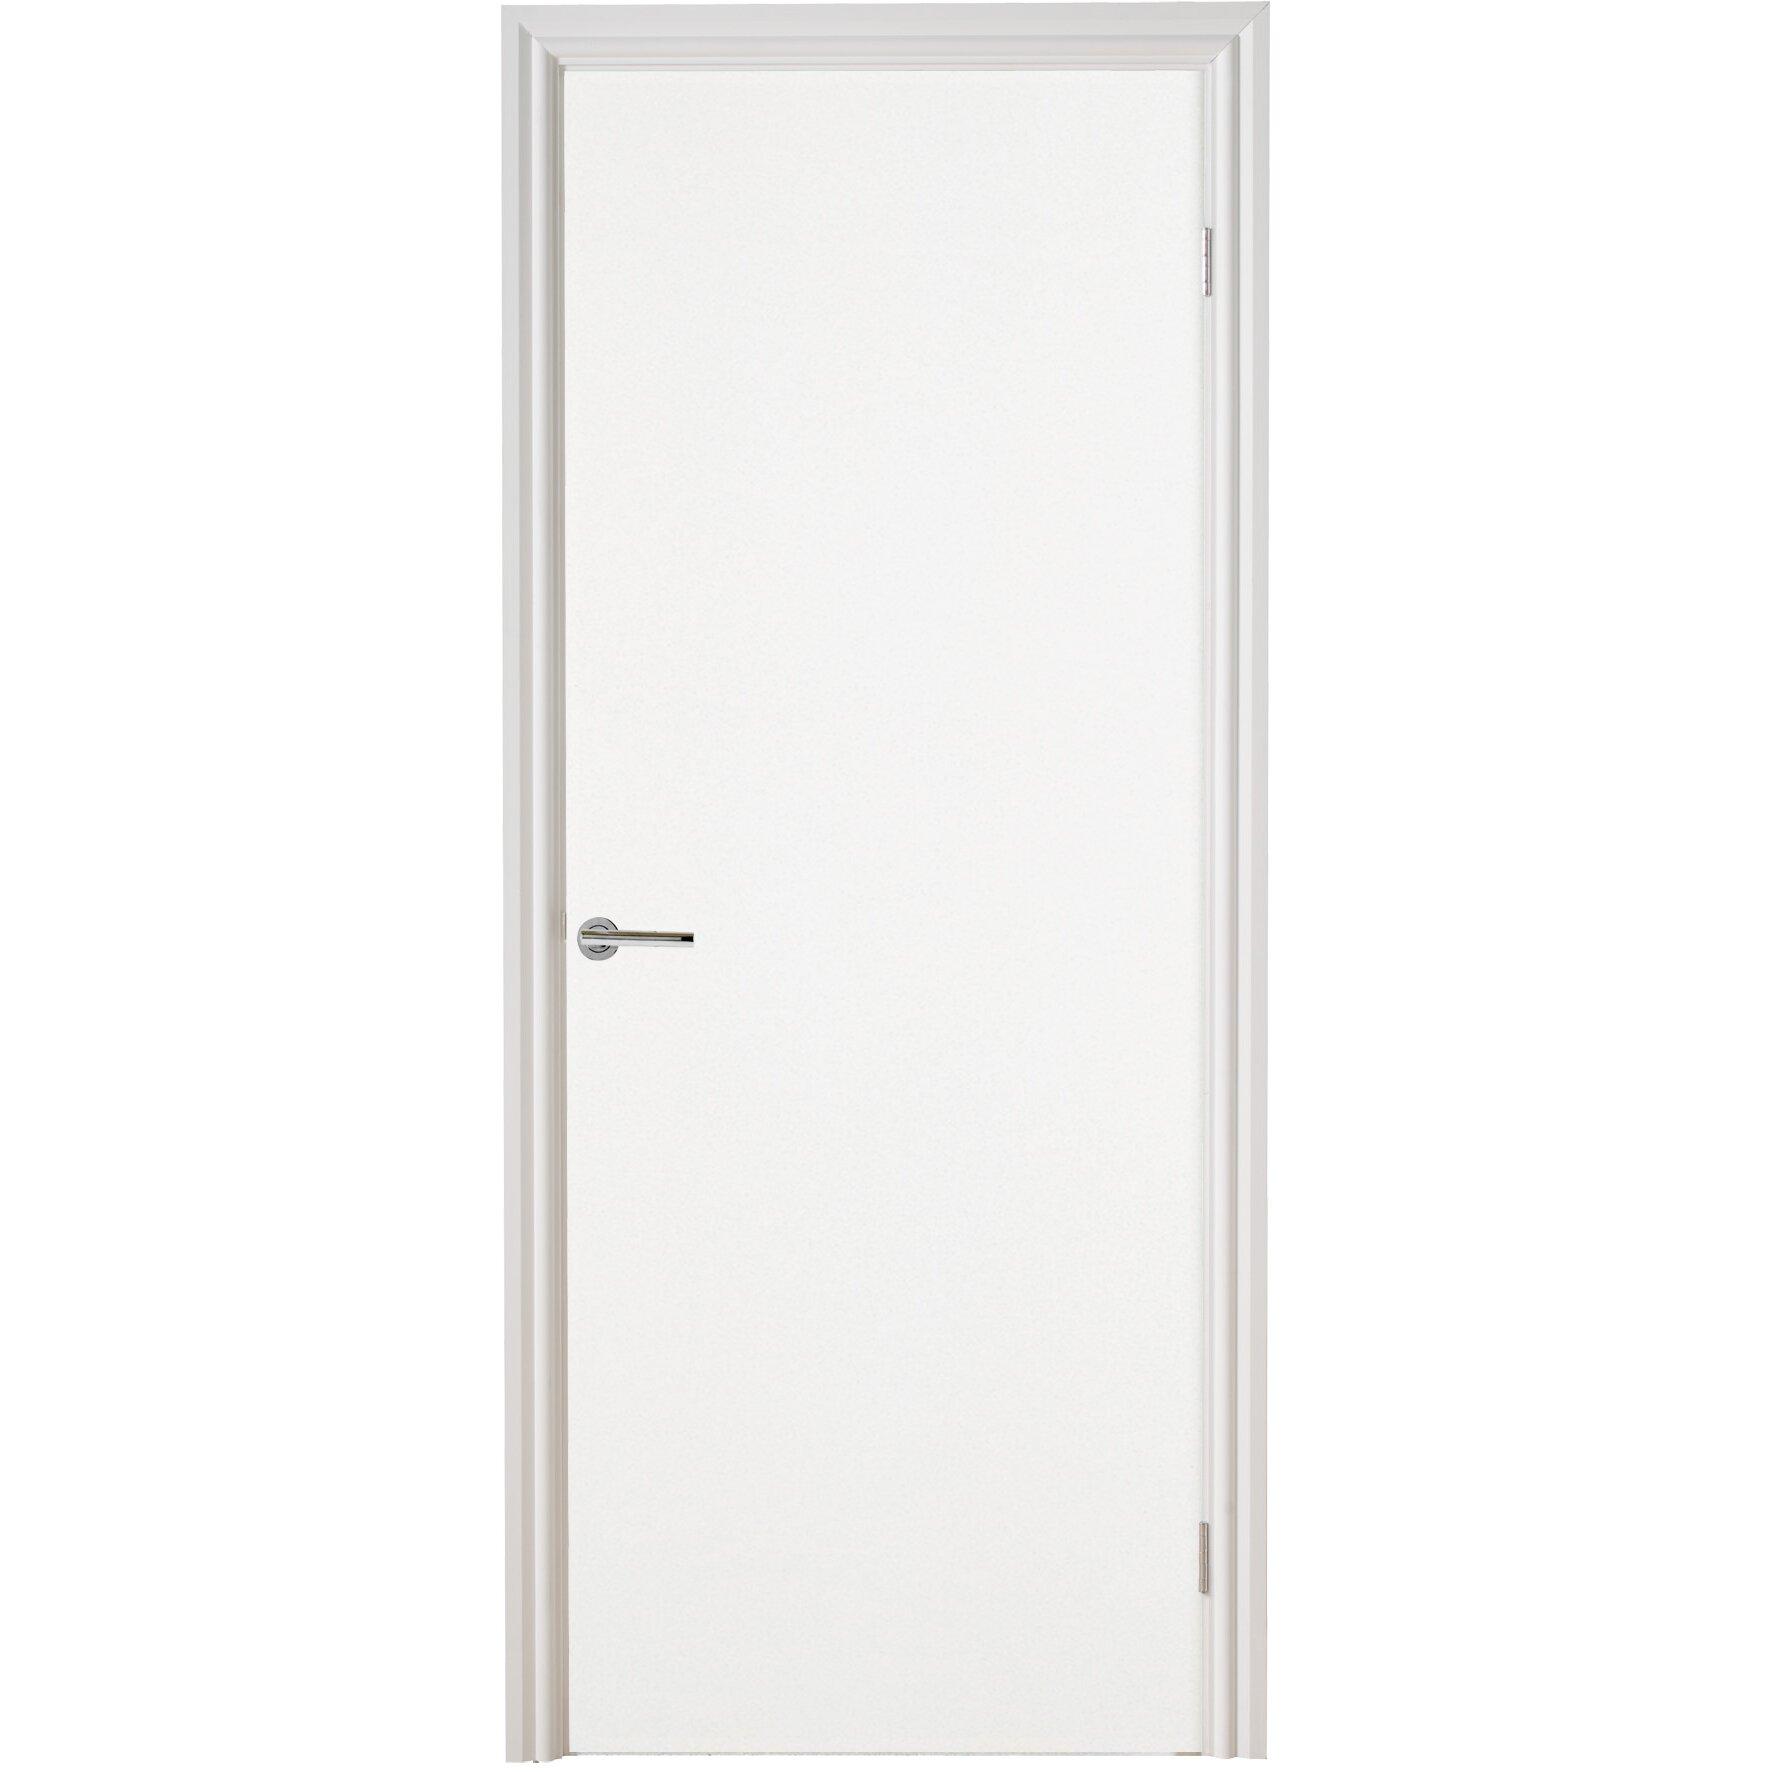 premdor white internal door reviews. Black Bedroom Furniture Sets. Home Design Ideas